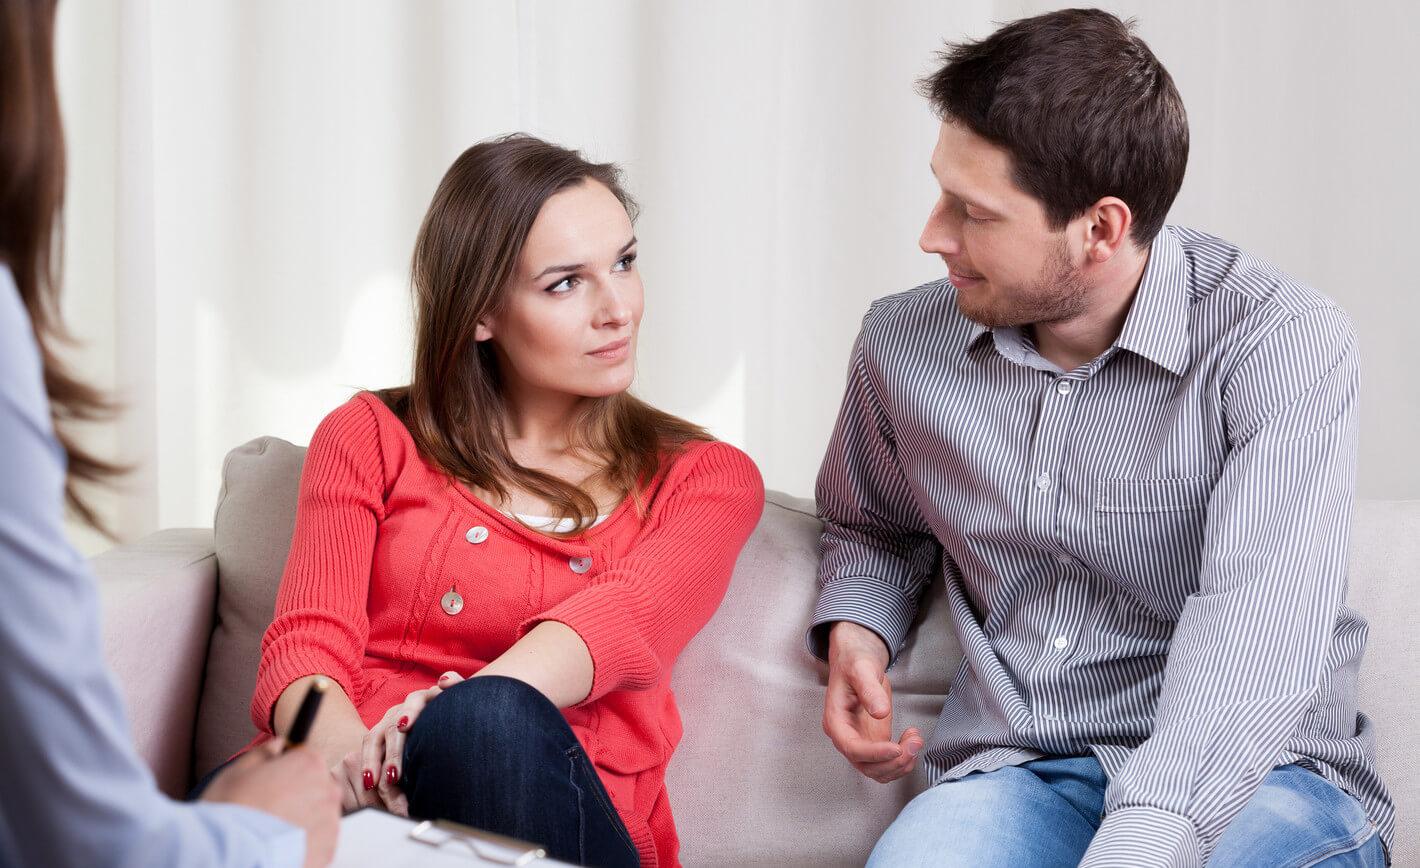 Avvo study: Men regret divorce more often than women